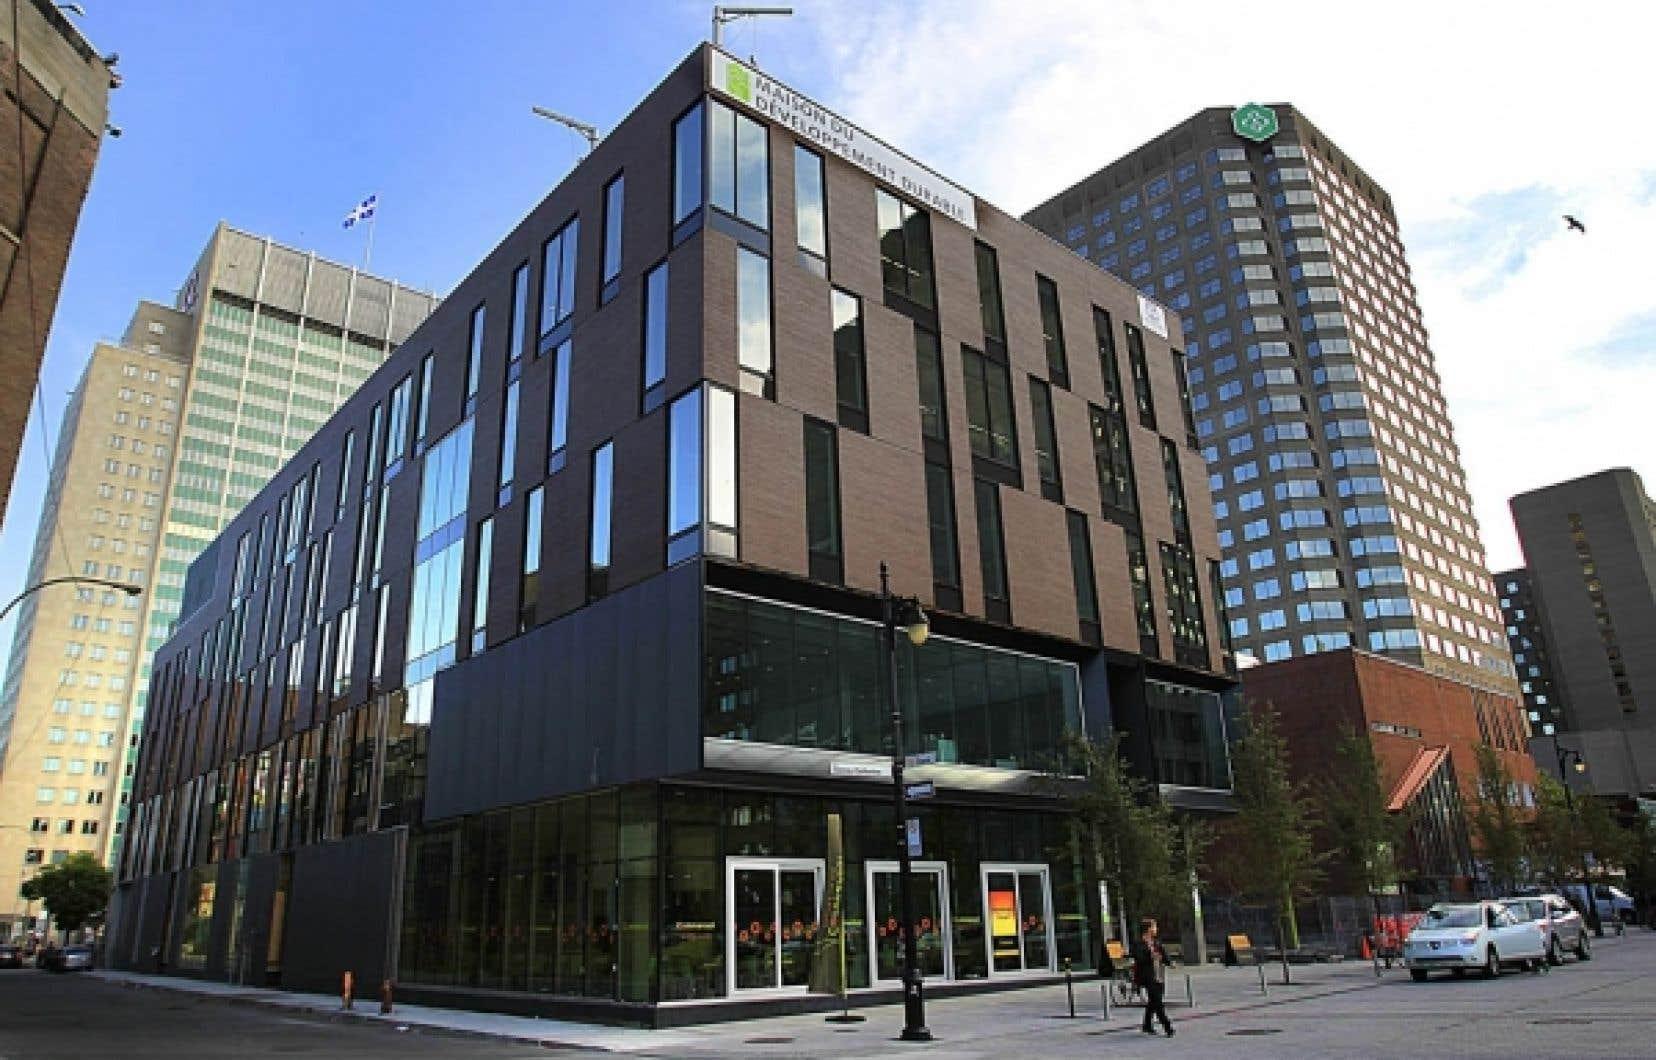 <div> La Maison du d&eacute;veloppement durable a &eacute;t&eacute; &eacute;rig&eacute;e selon plusieurs normes ISO.</div>